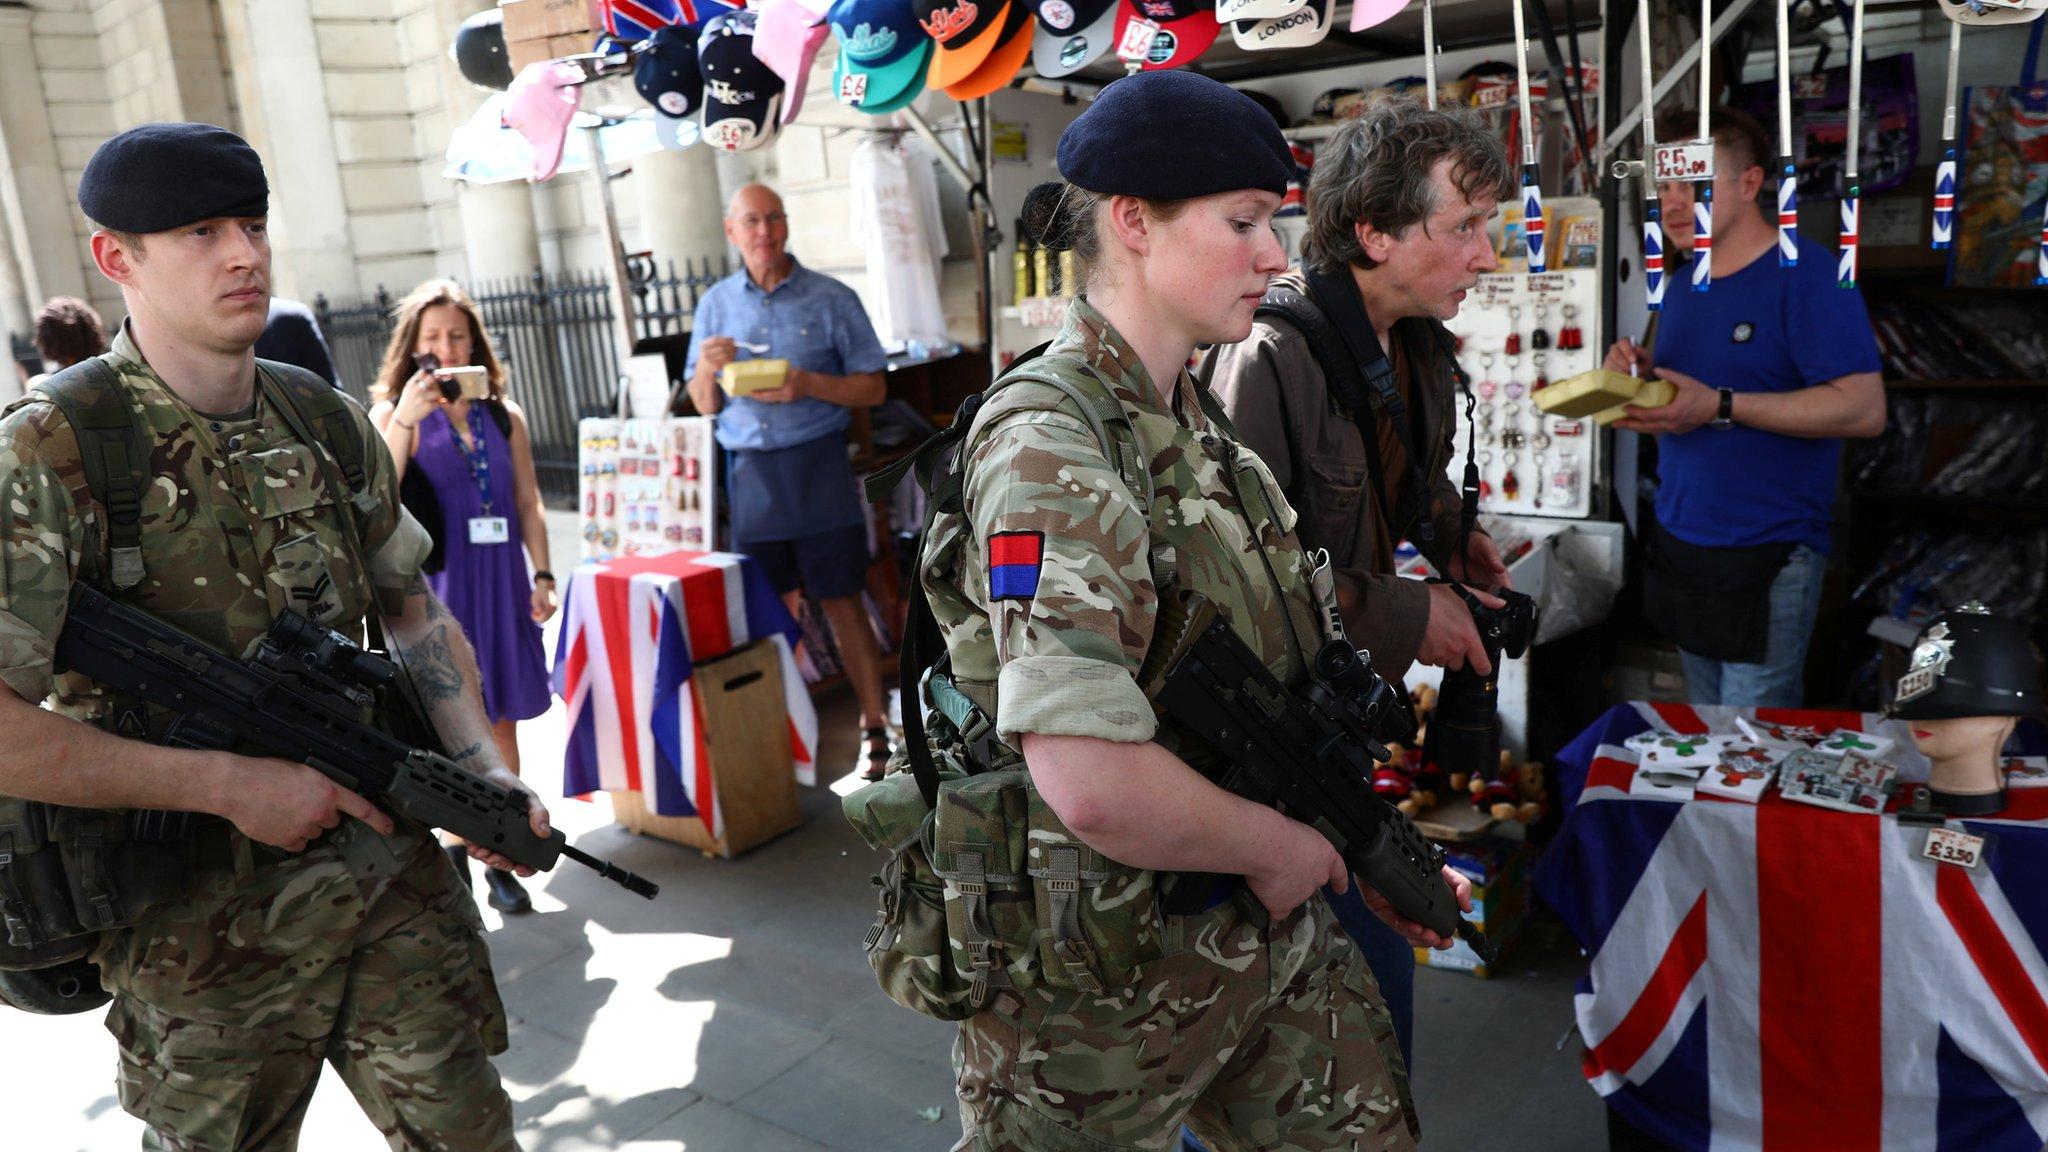 افزایش سطح هشدار امنیتی؛ سربازان بریتانیایی در مرکز لندن مستقر شدند